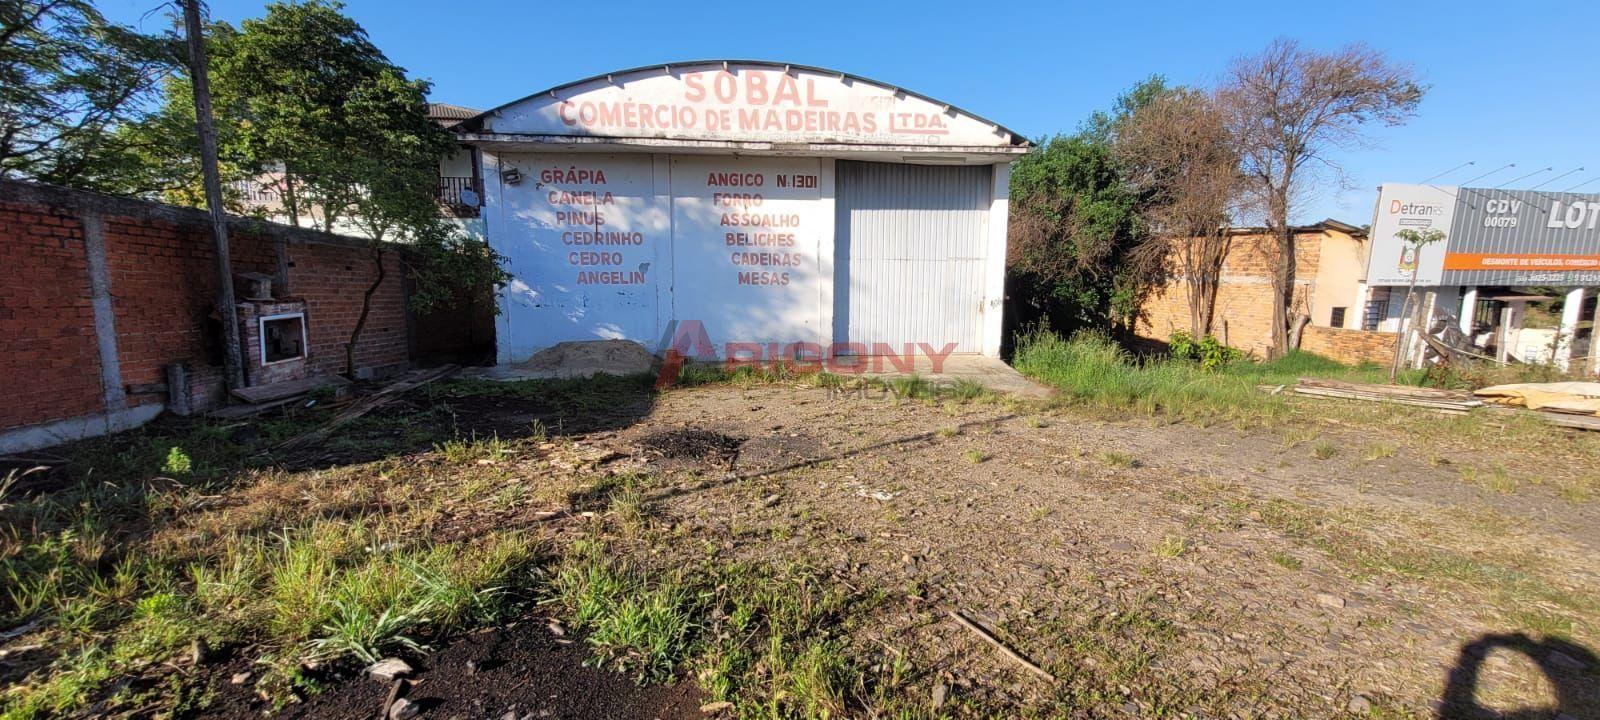 Pavilhão/galpão/depósito à venda  no Urlândia - Santa Maria, RS. Imóveis